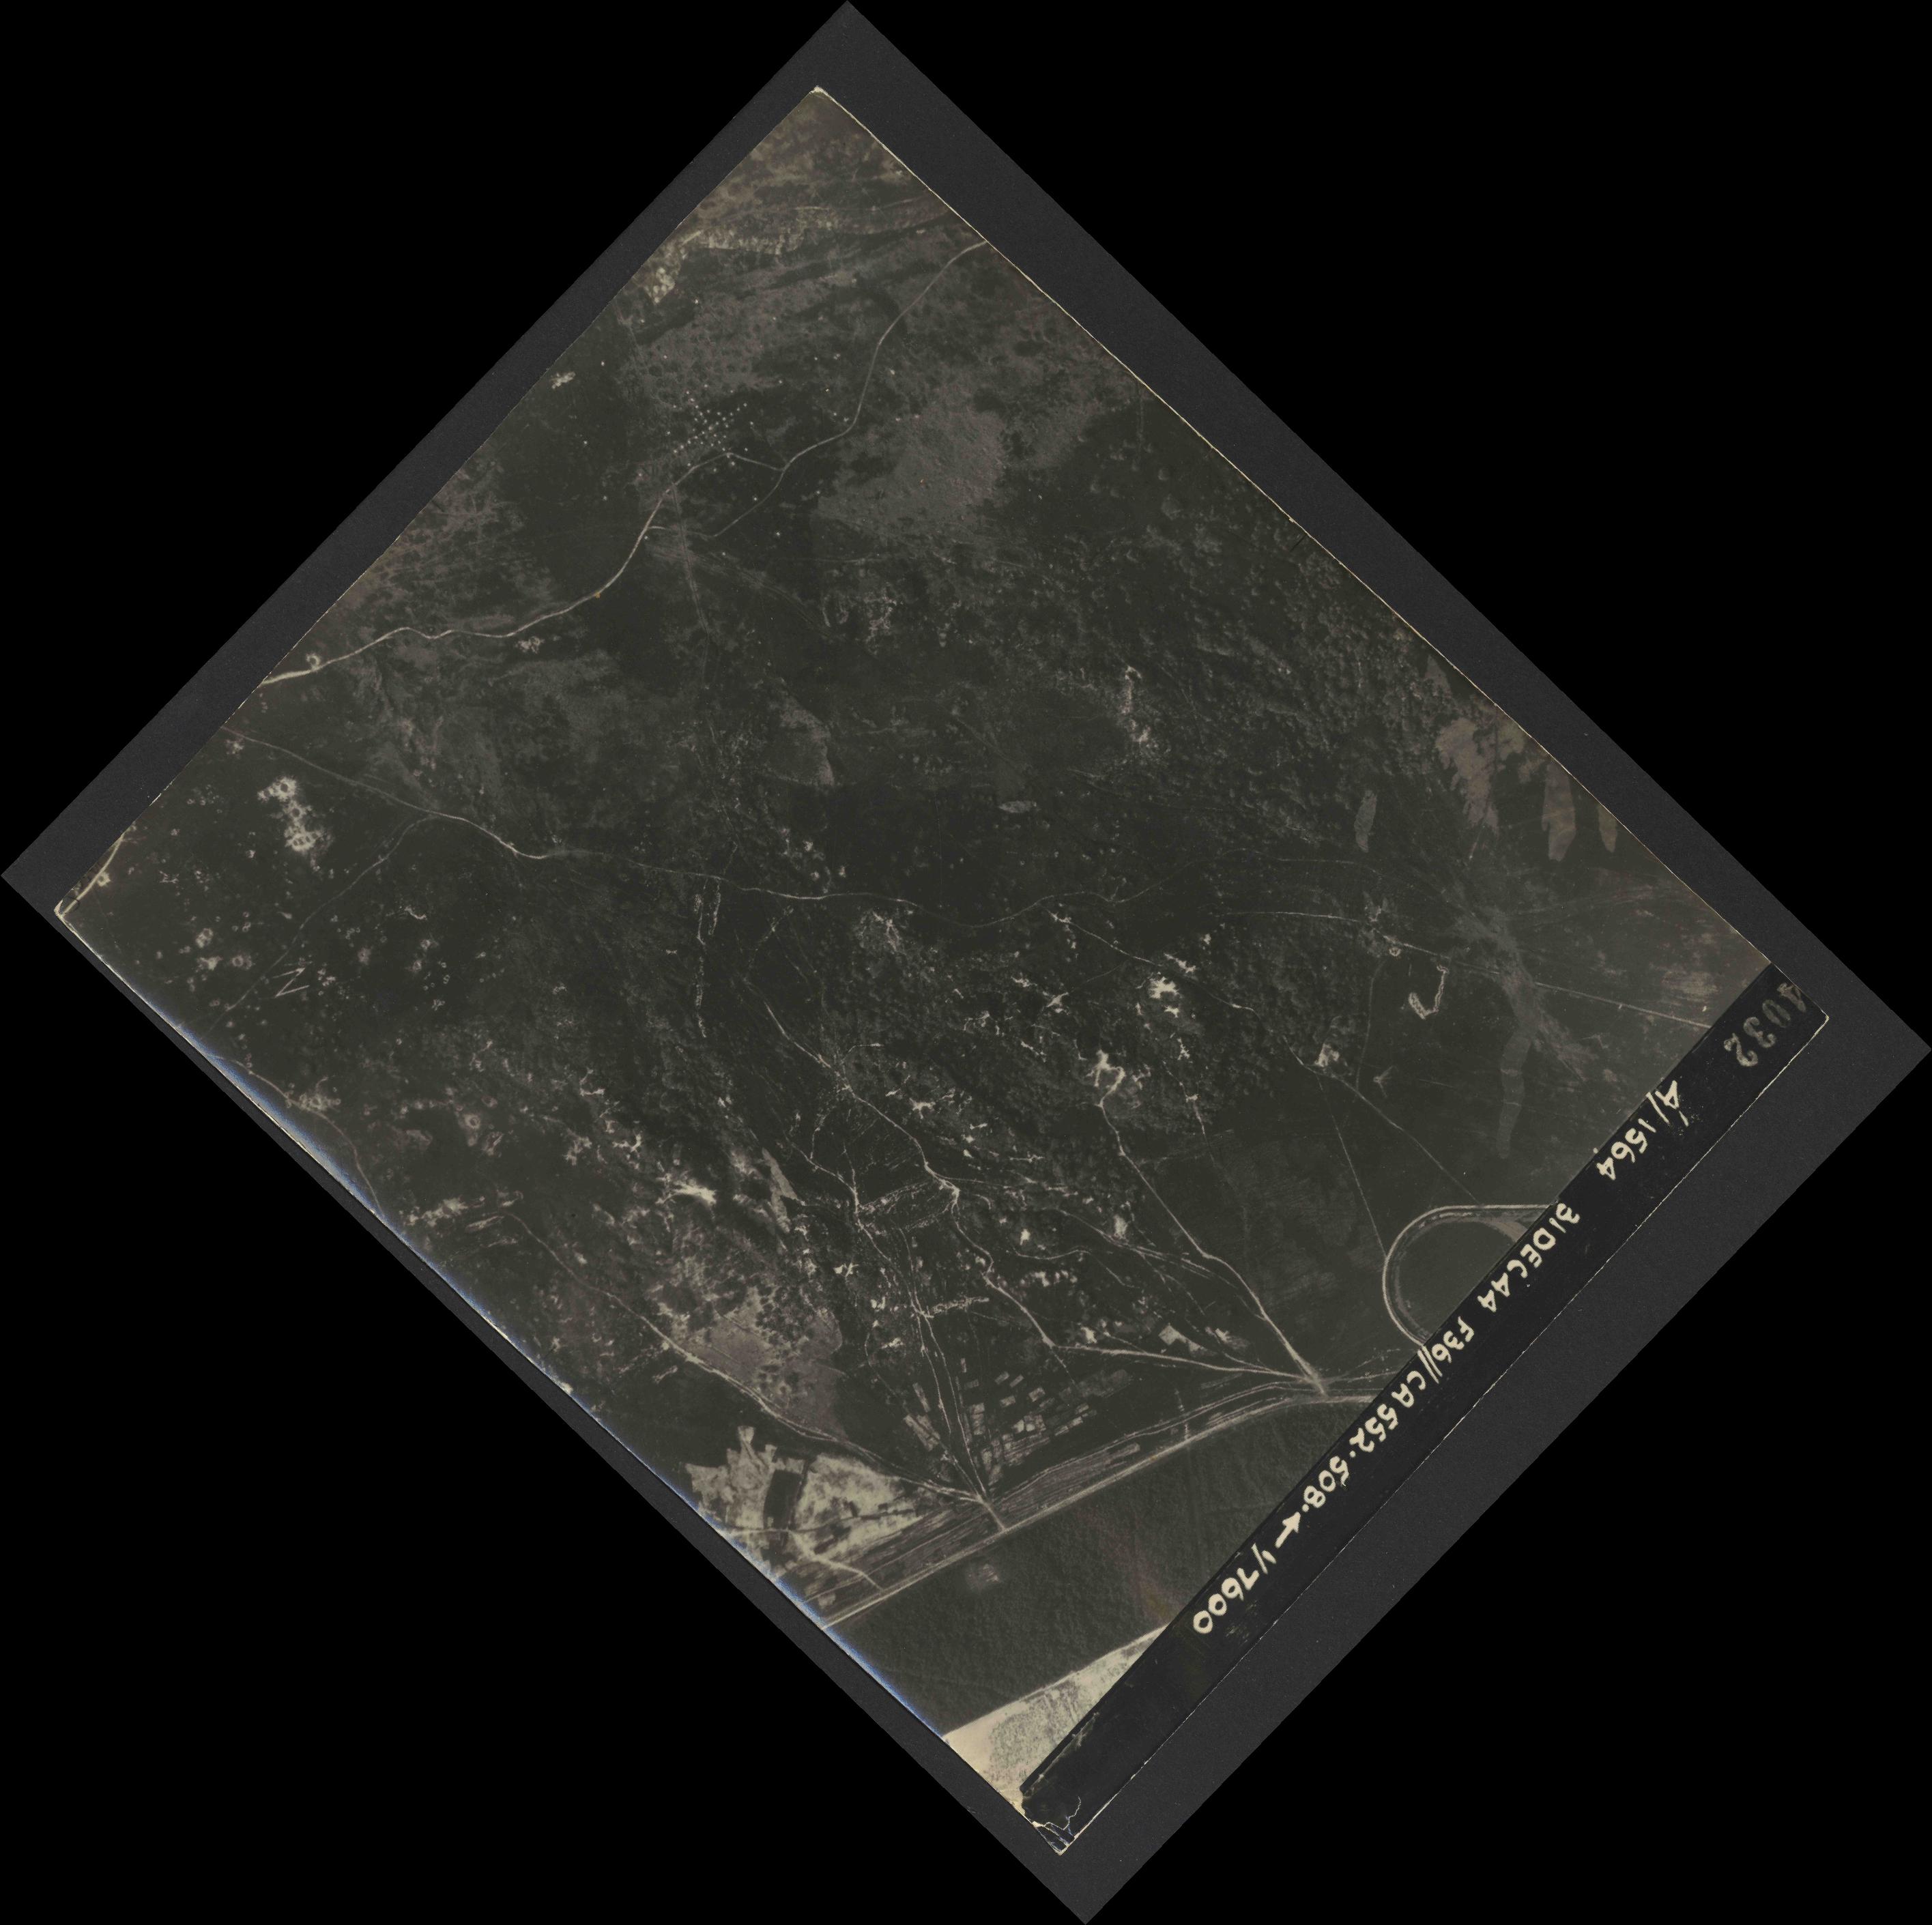 Collection RAF aerial photos 1940-1945 - flight 351, run 02, photo 4032